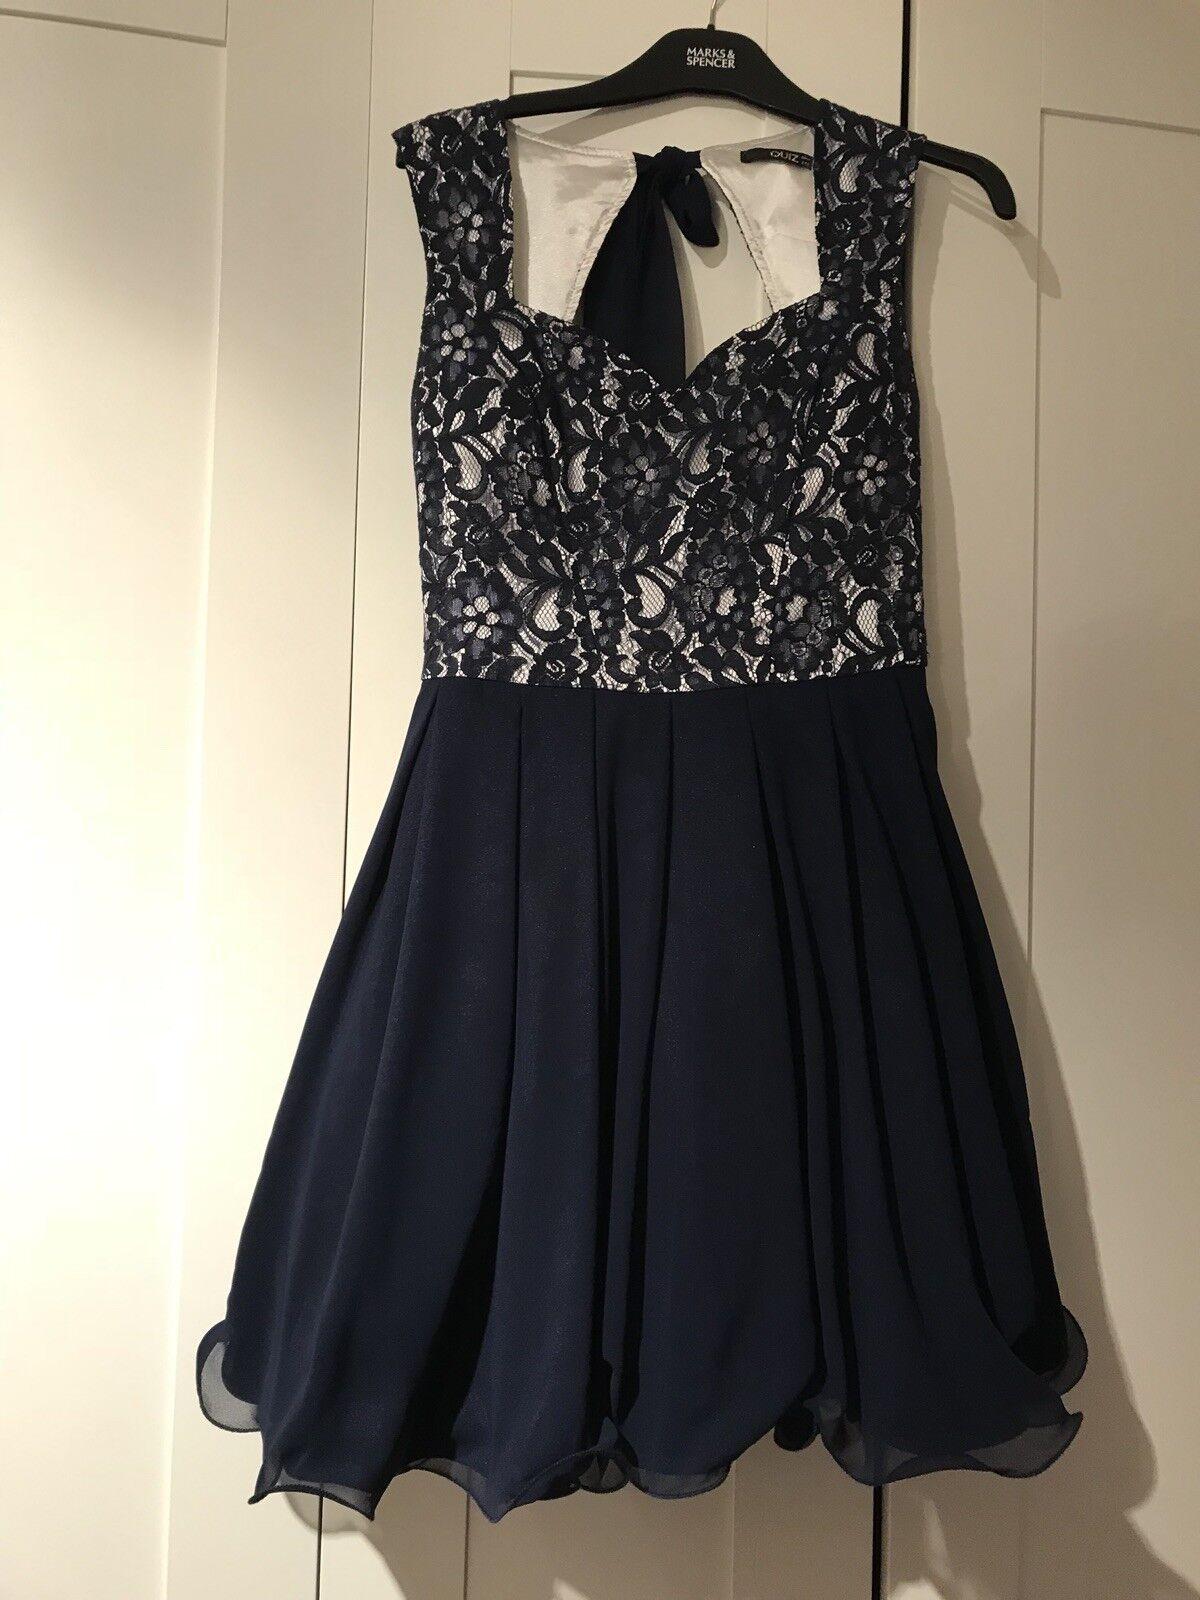 Dress size 14 quiz bluee